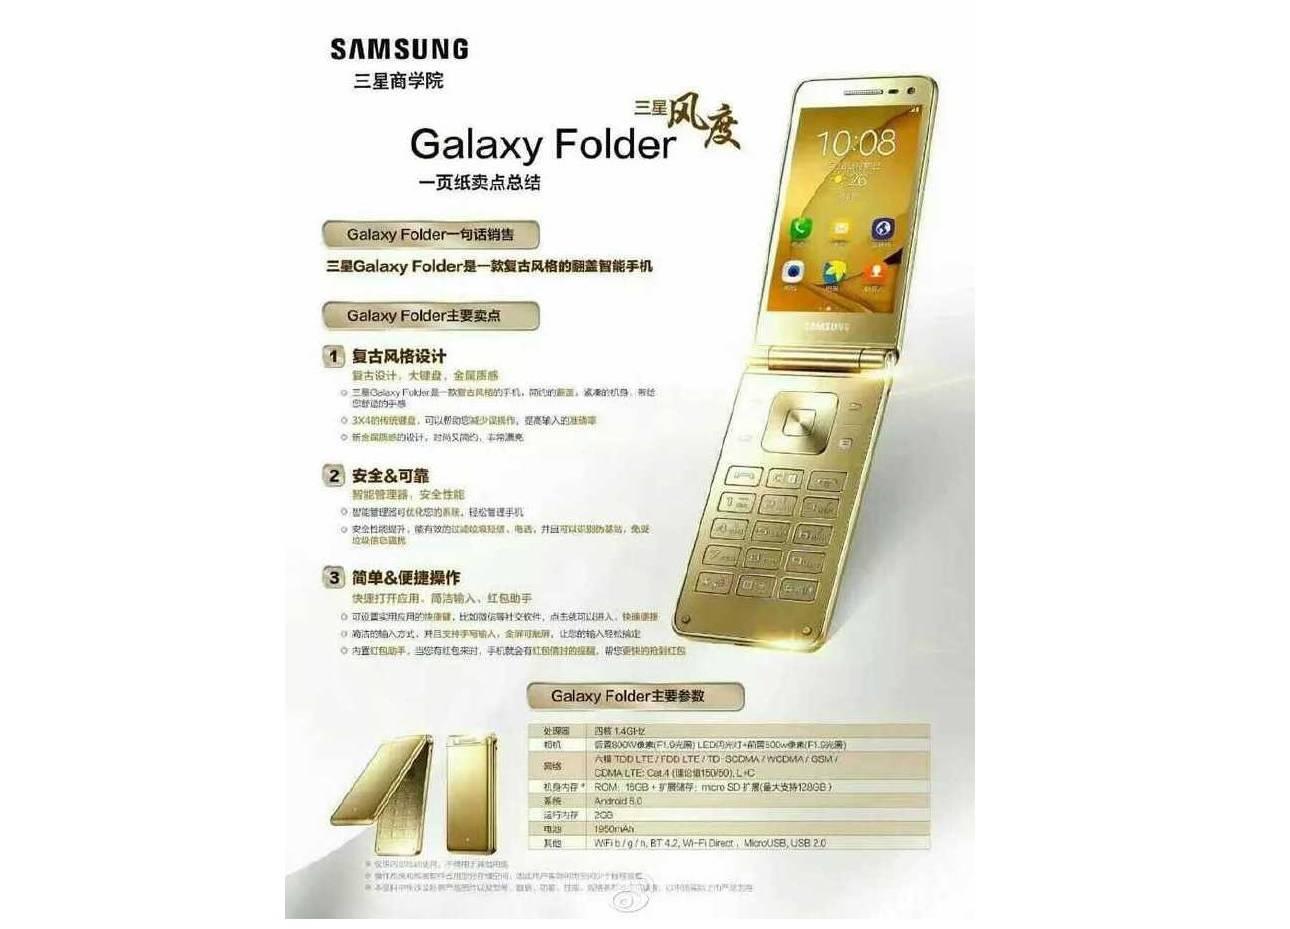 Samsung Galaxy Folder 2 a